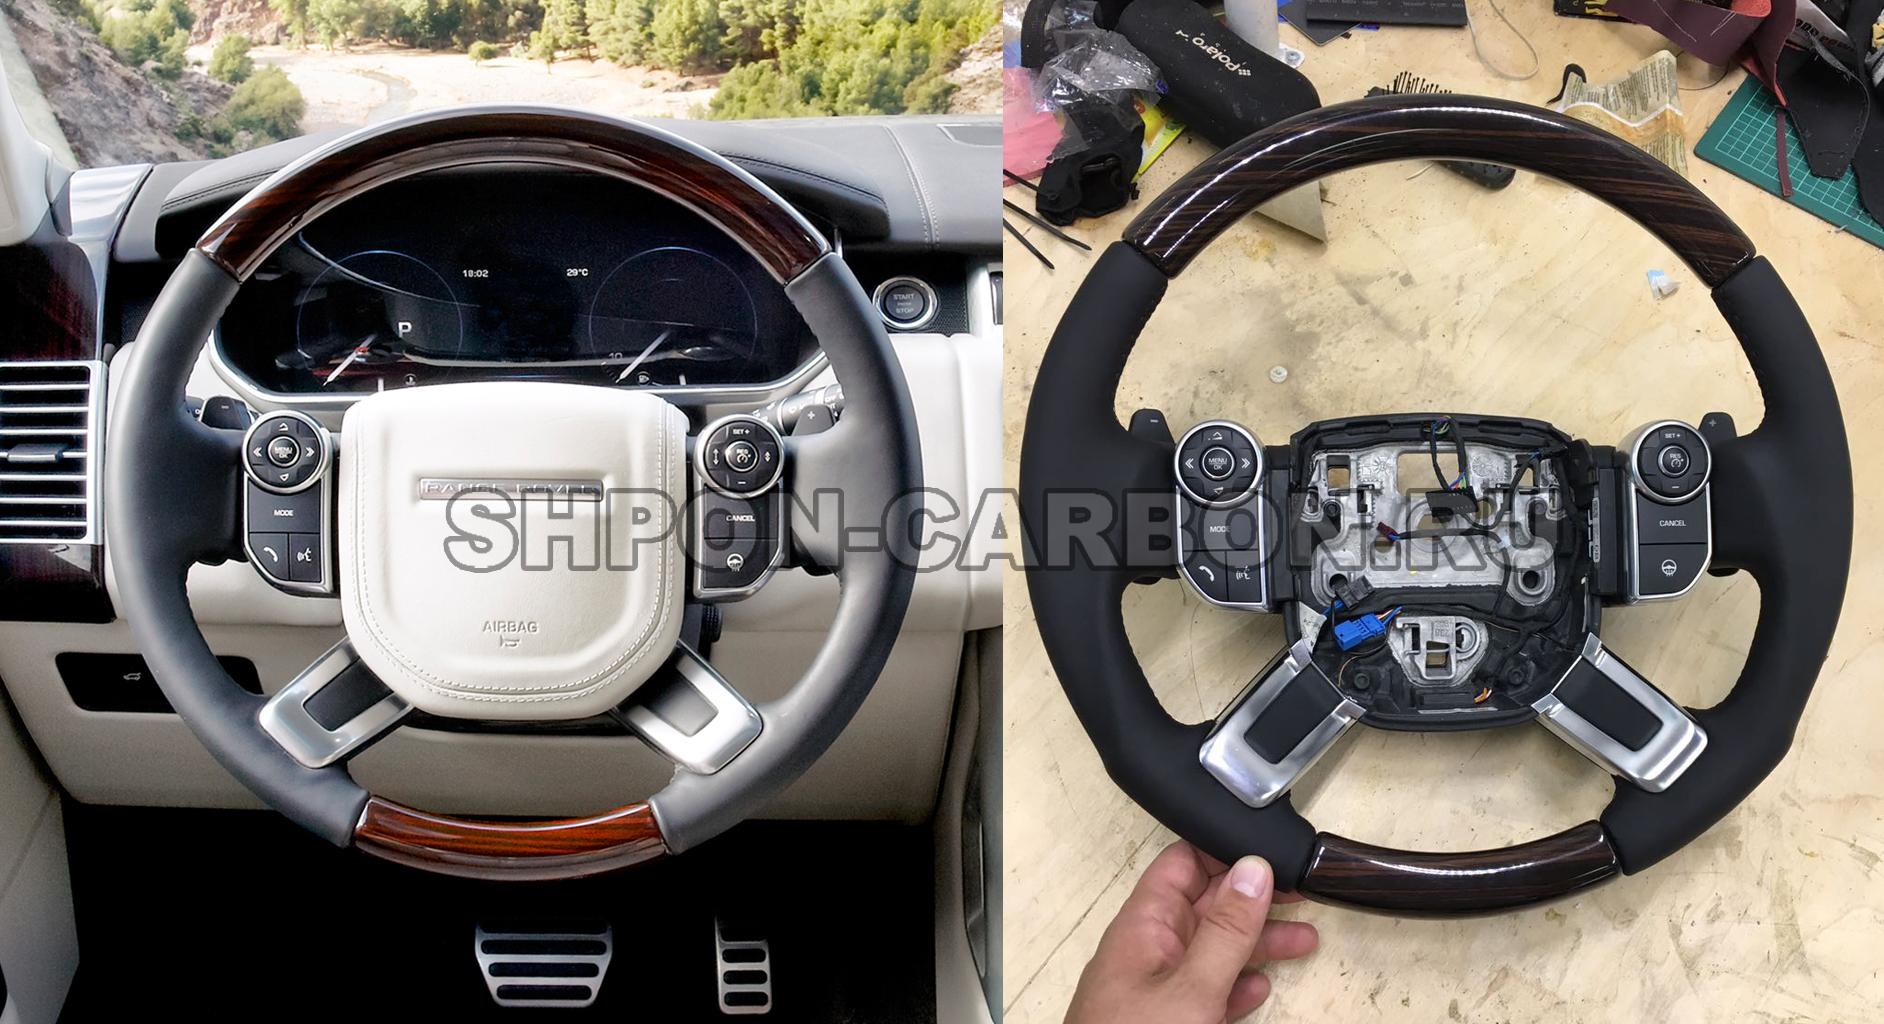 Сохранение декоративных вставок из натурального шпона (дерева) + анатомия руля + сохранение подогрева + перетяжка руля в кожу Range Rover Vogue (Рендж Ровер Вог)